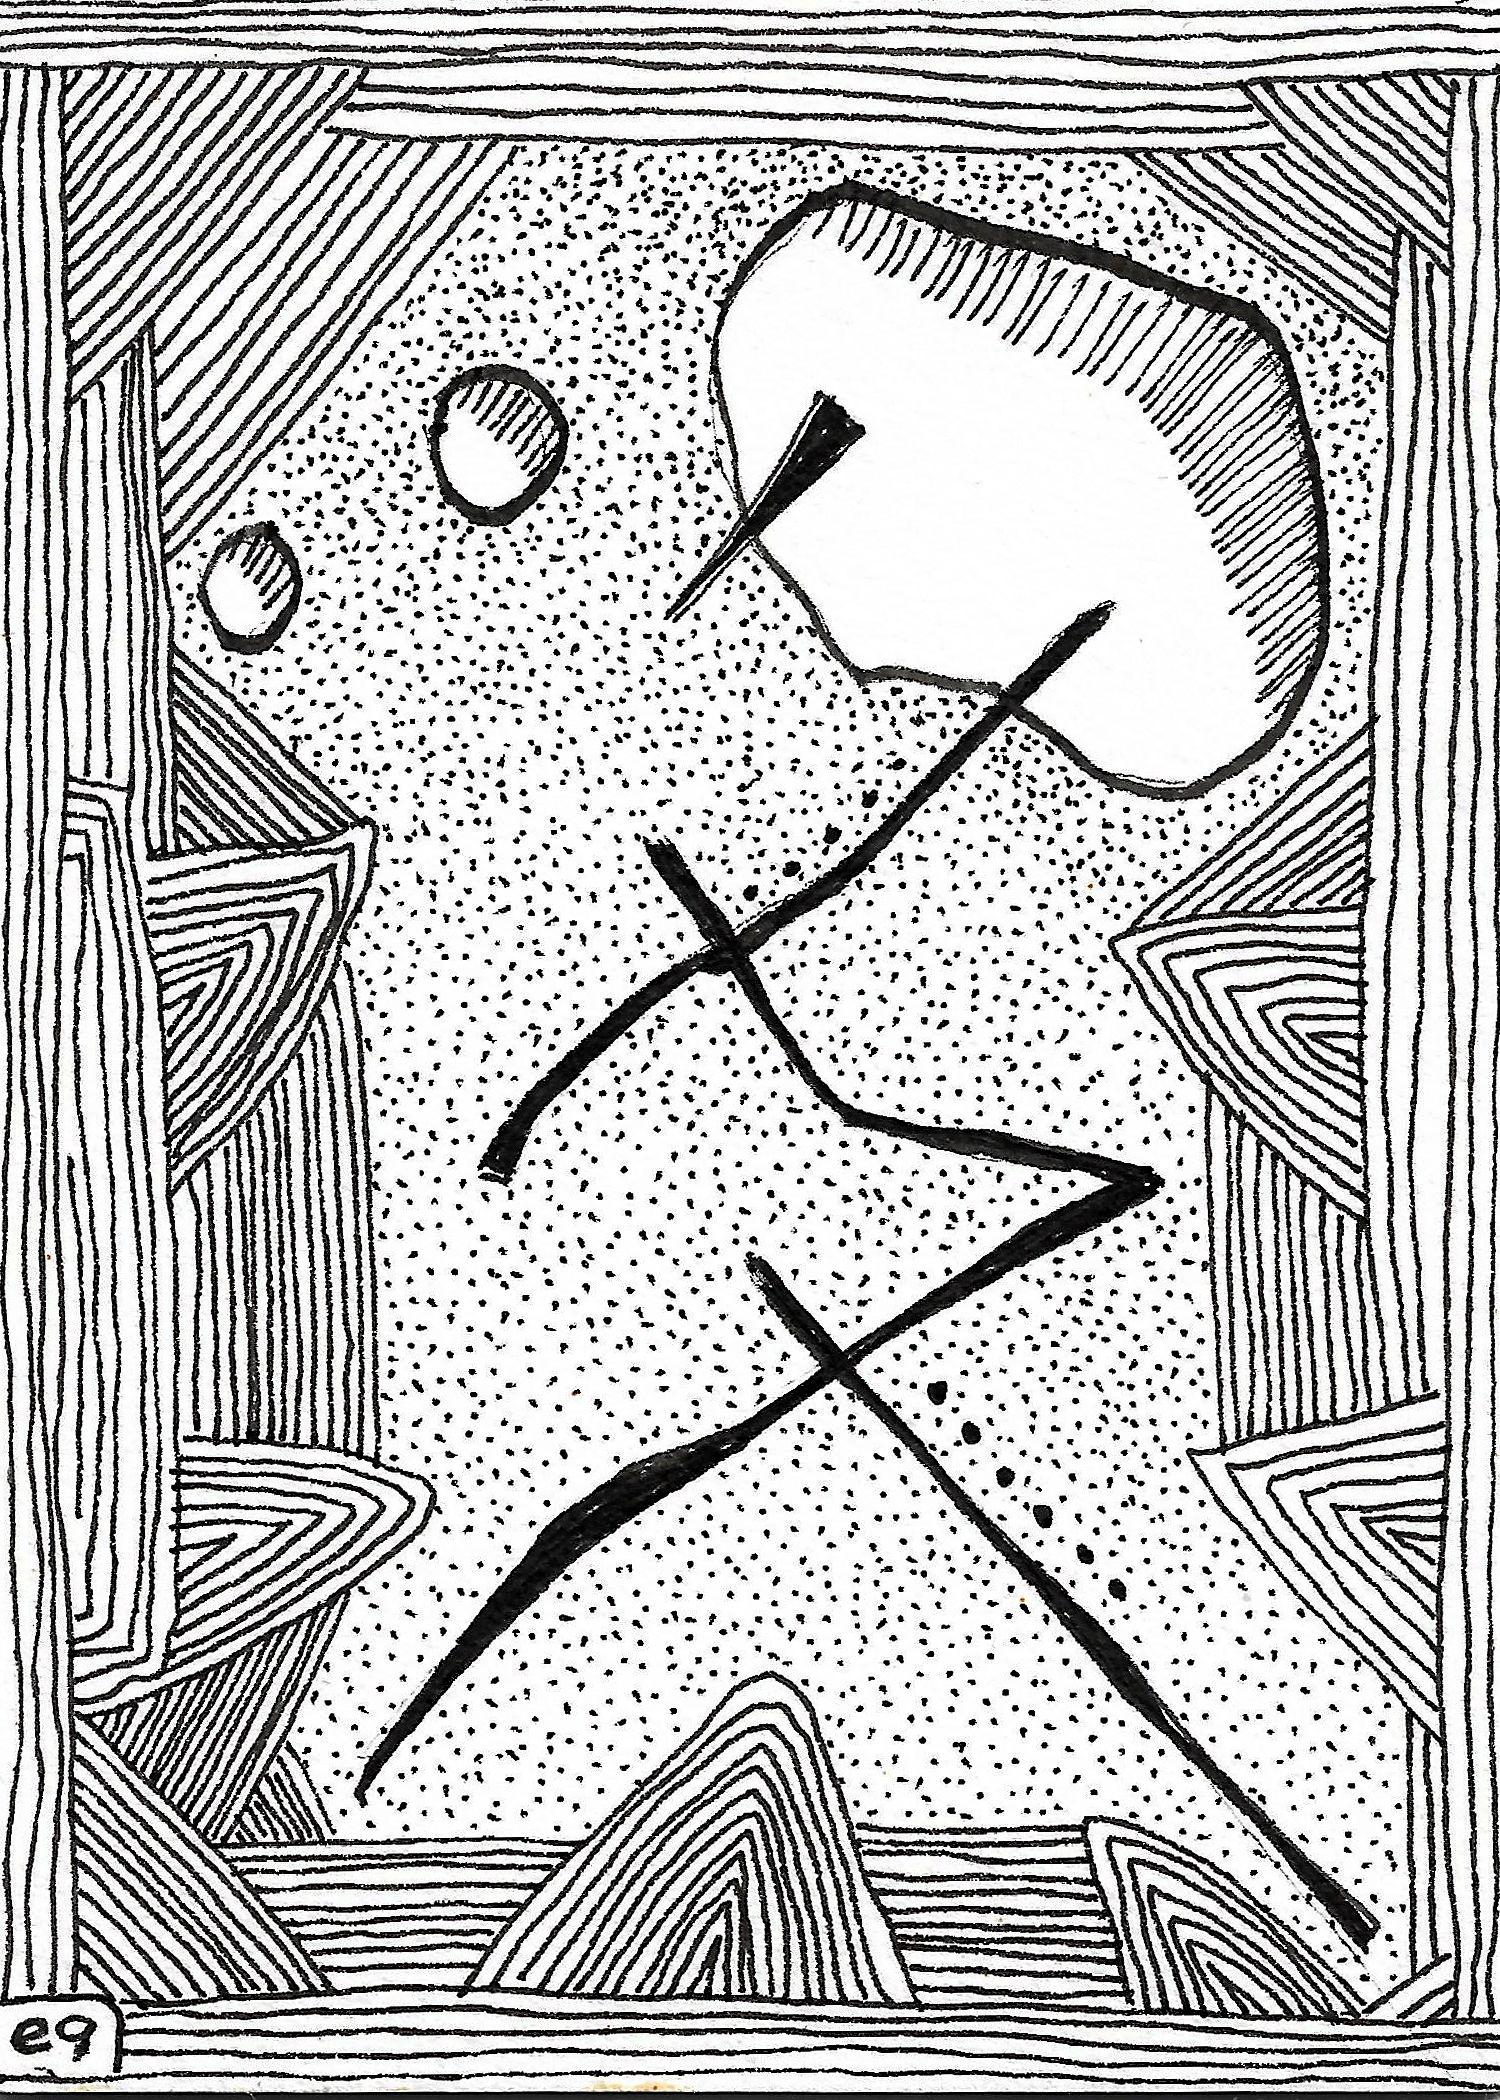 The Art Of Self Devouring E9art Outsider Art Drawing Outsider Art Art